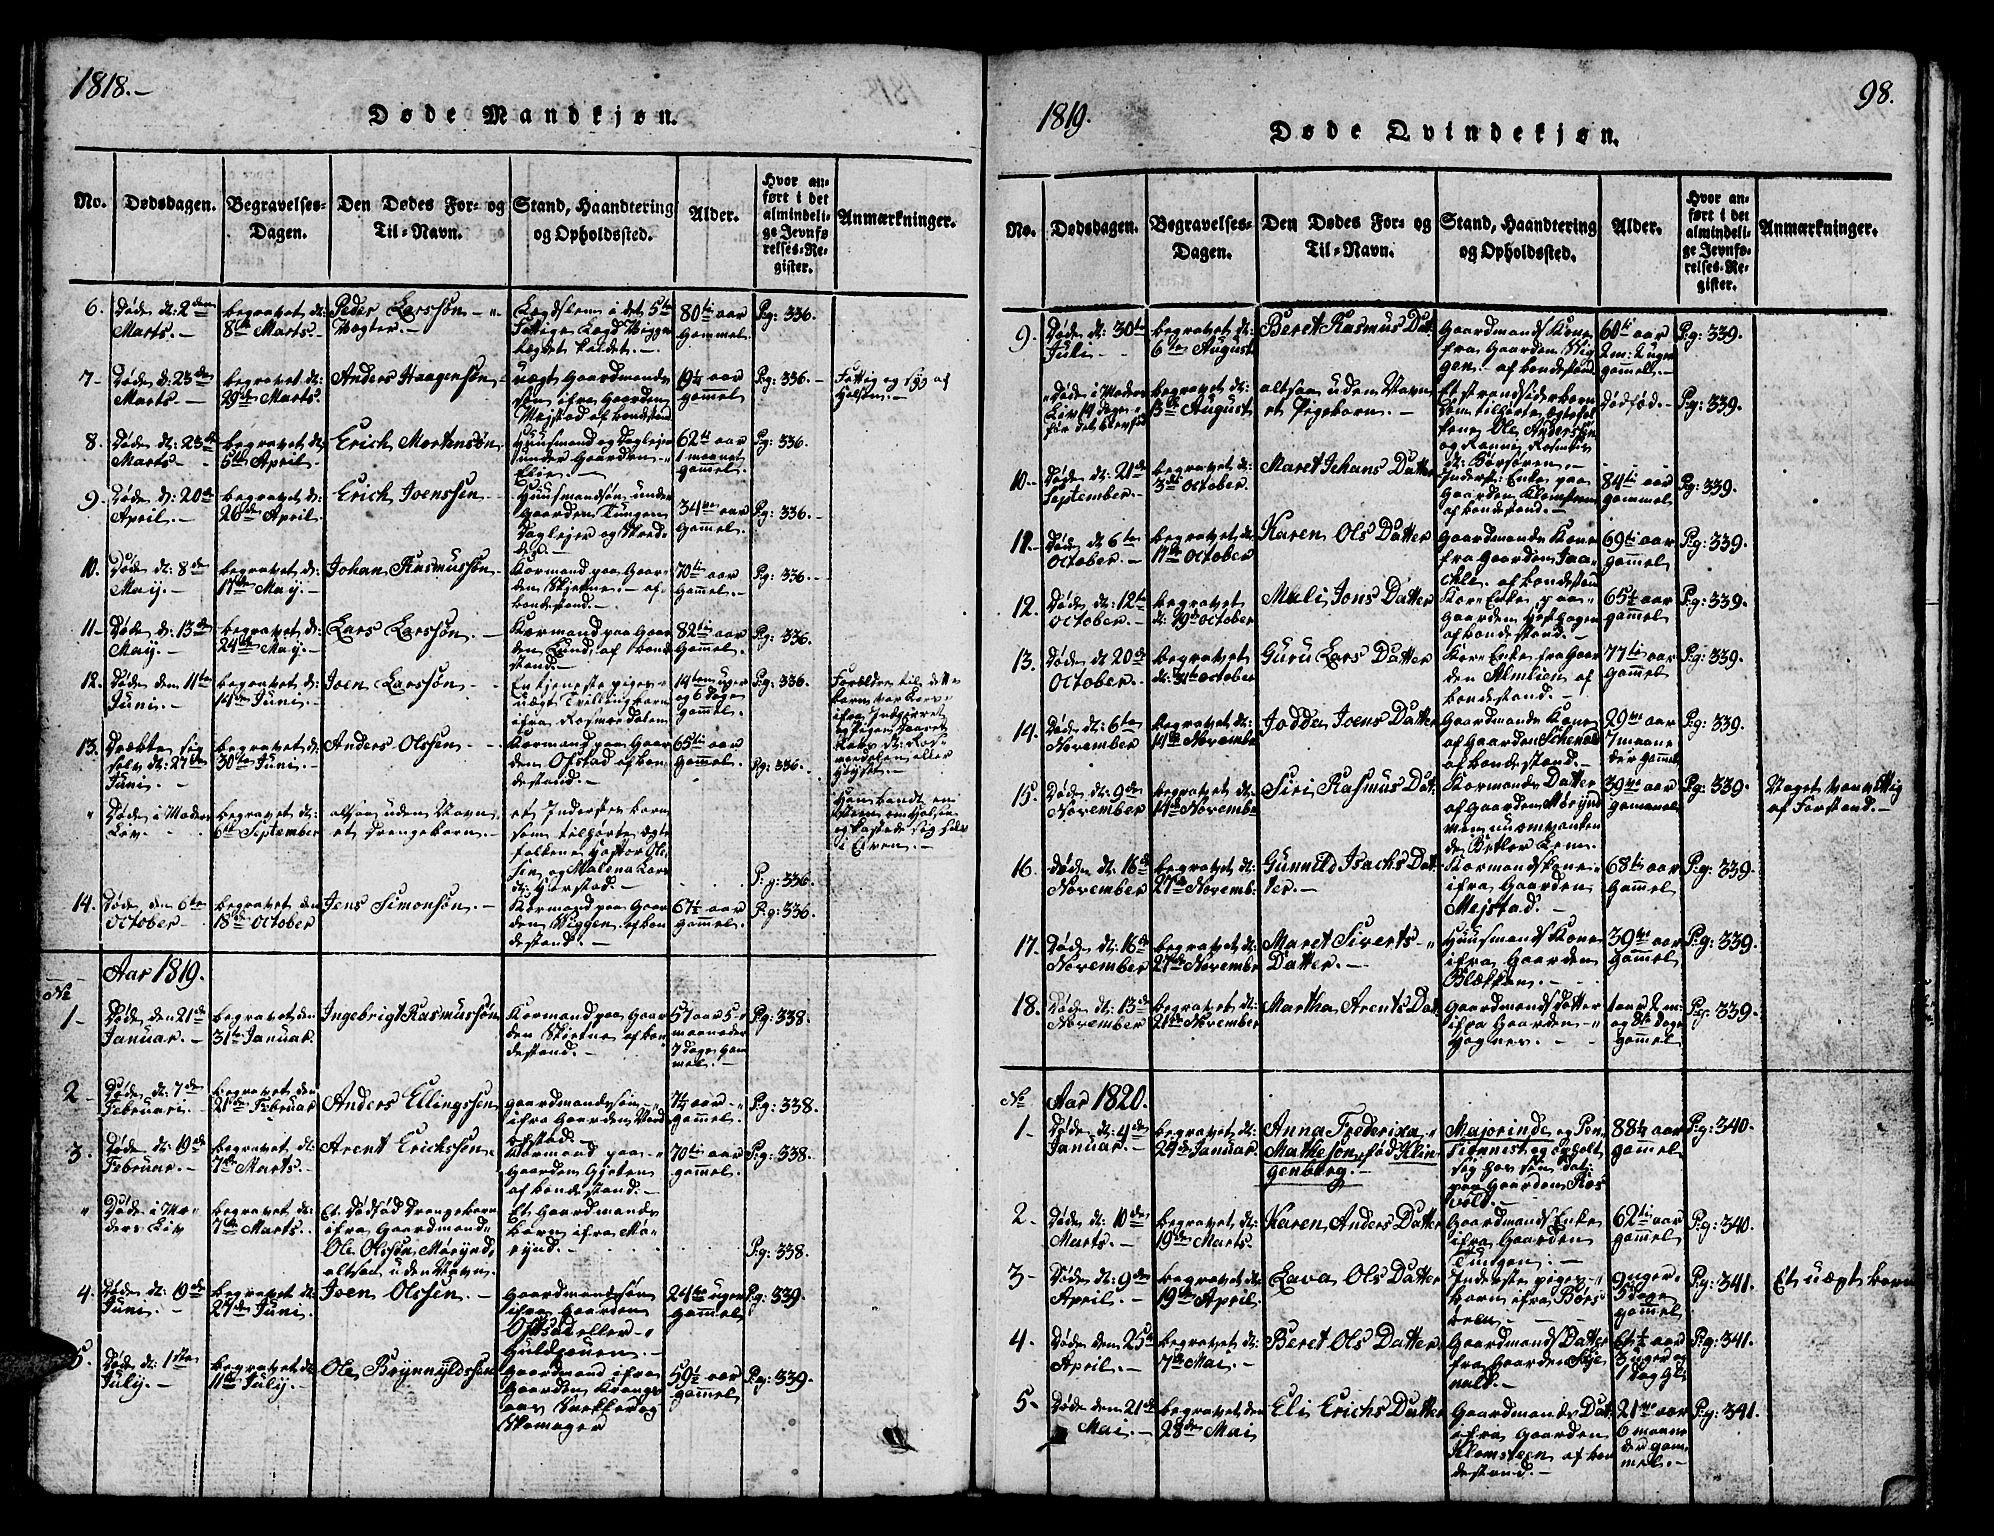 SAT, Ministerialprotokoller, klokkerbøker og fødselsregistre - Sør-Trøndelag, 665/L0776: Klokkerbok nr. 665C01, 1817-1837, s. 98